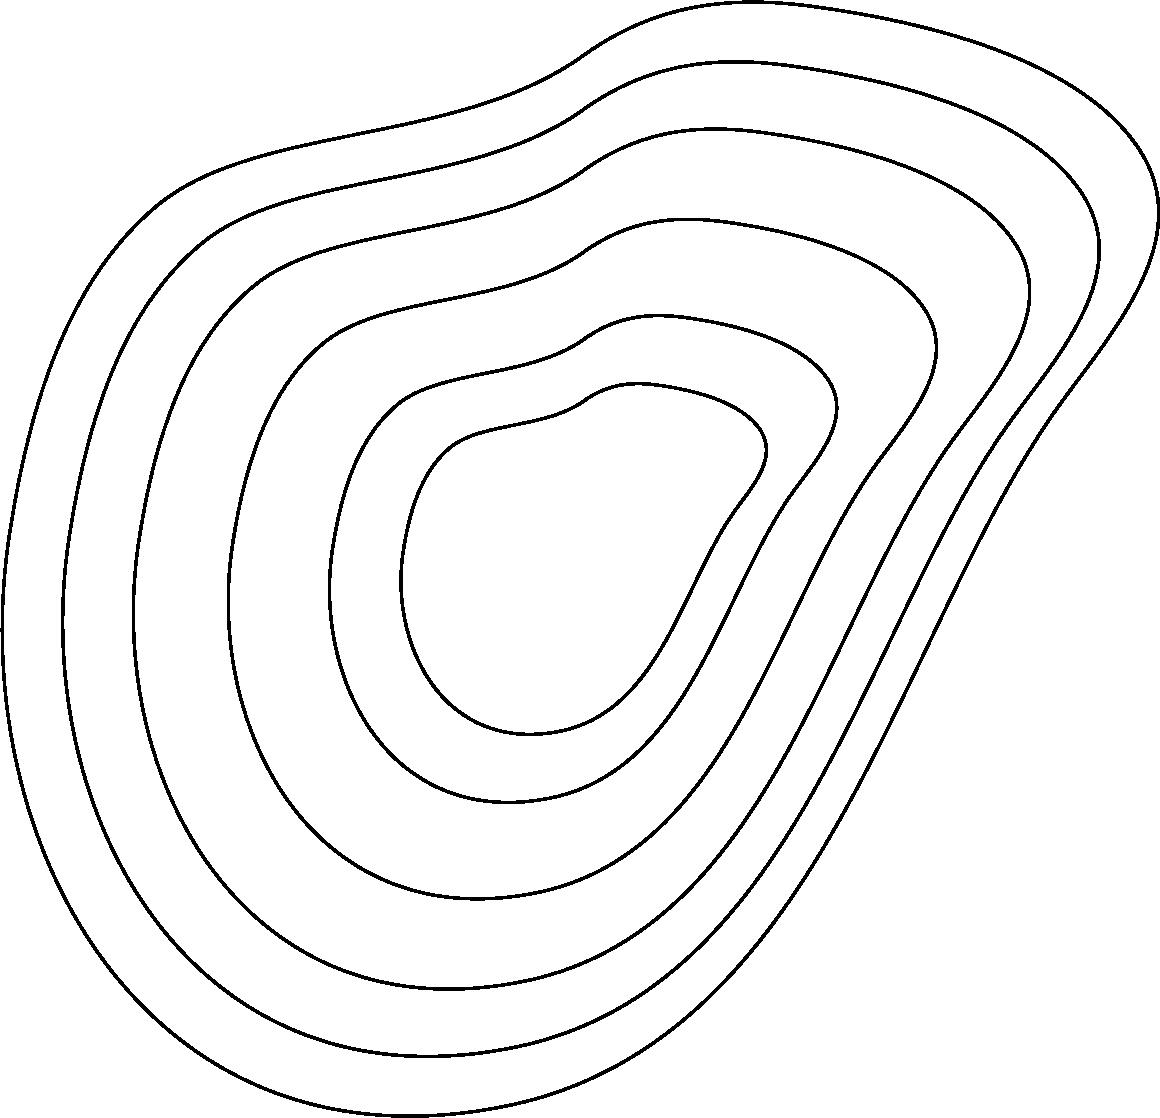 Hojdkurvor_02